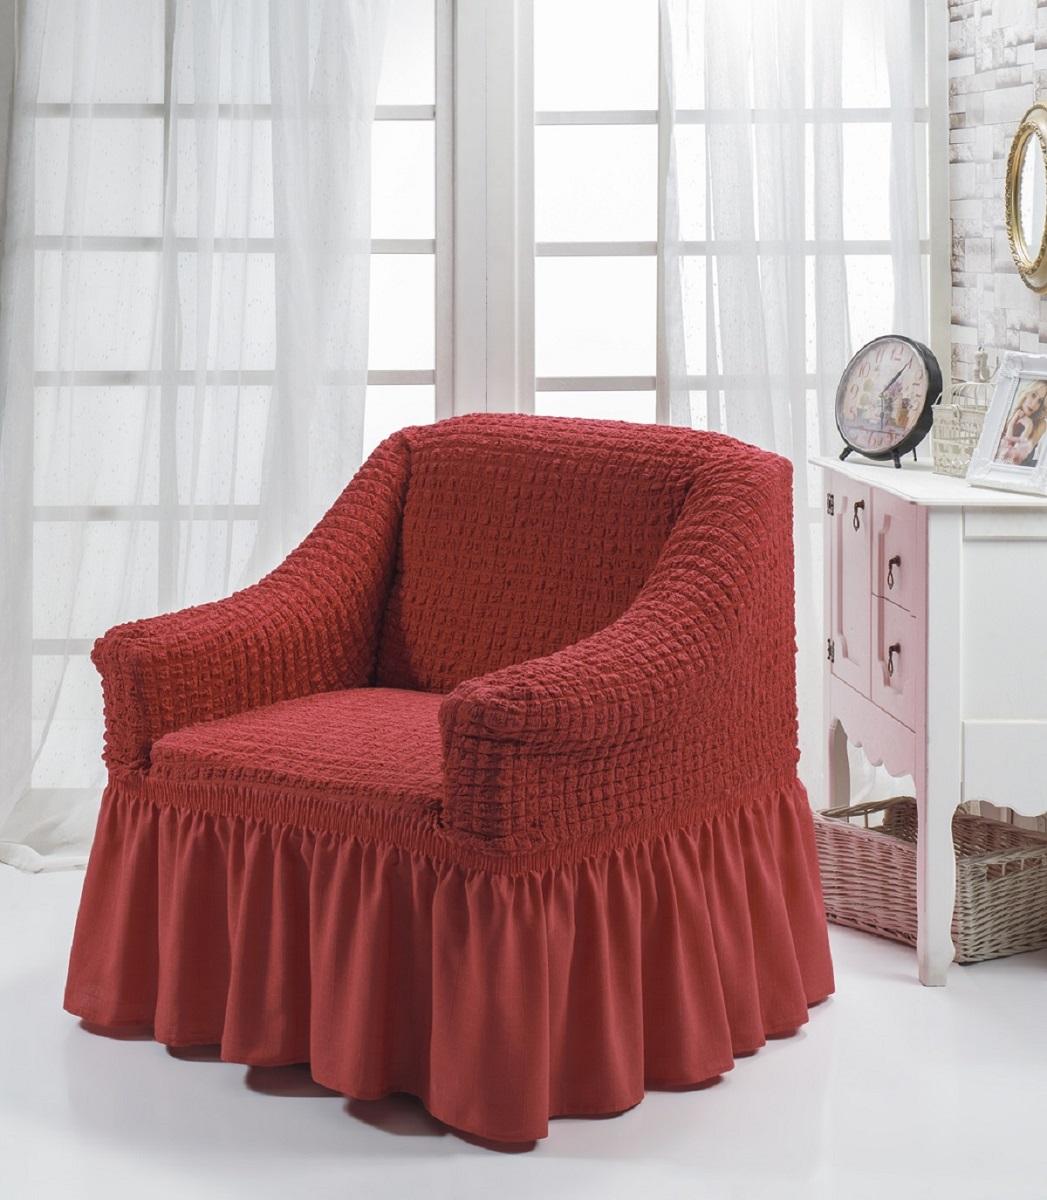 Чехол для кресла Burumcuk Bulsan, цвет: кирпичный1797/CHAR008Чехол на кресло Burumcuk Bulsan выполнен из высококачественного полиэстера и хлопка с красивым рельефом. Предназначен для кресла стандартного размера со спинкой высотой в 140 см. Такой чехол изысканно дополнит интерьер вашего дома. Изделие прорезинено со всех сторон и оснащено закрывающей оборкой. Ширина и глубина посадочного места: 70-80 см. Высота спинки от сиденья: 70-80 см. Высота подлокотников: 35-45 см. Ширина подлокотников: 25-35 см. Длина оборки: 35 см.